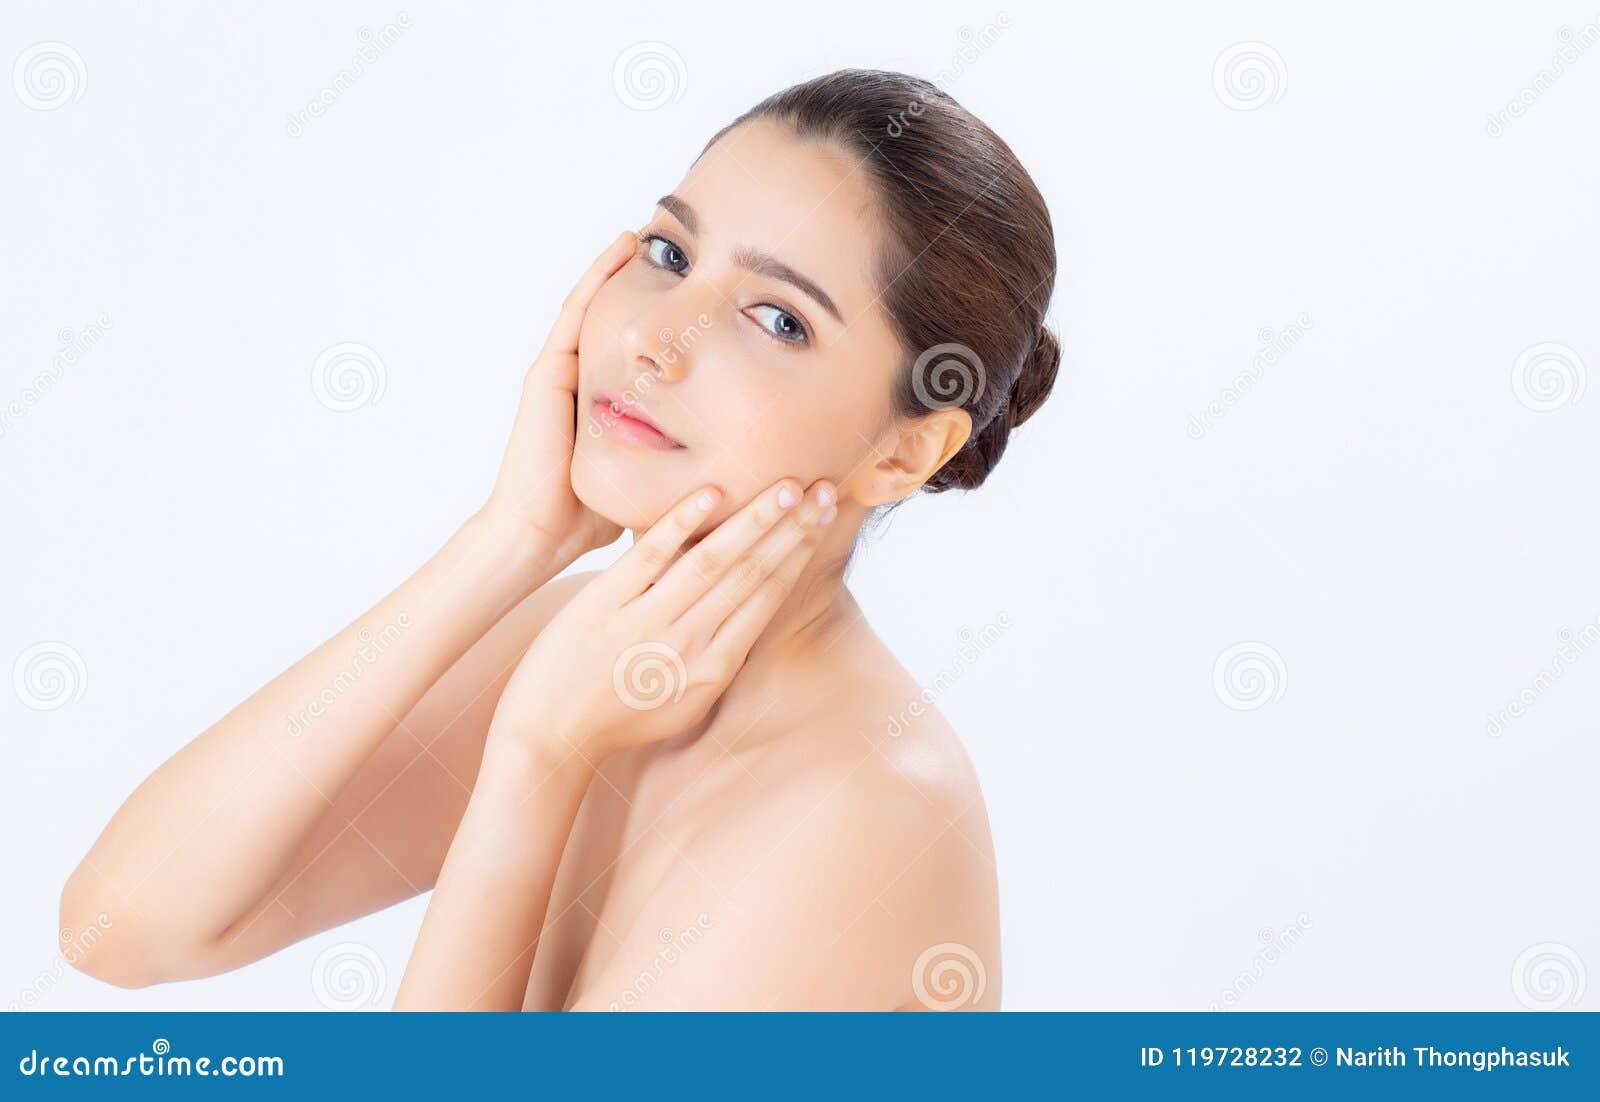 Портрет красивого состава женщины косметики, щеки касания руки девушки и улыбки привлекательных